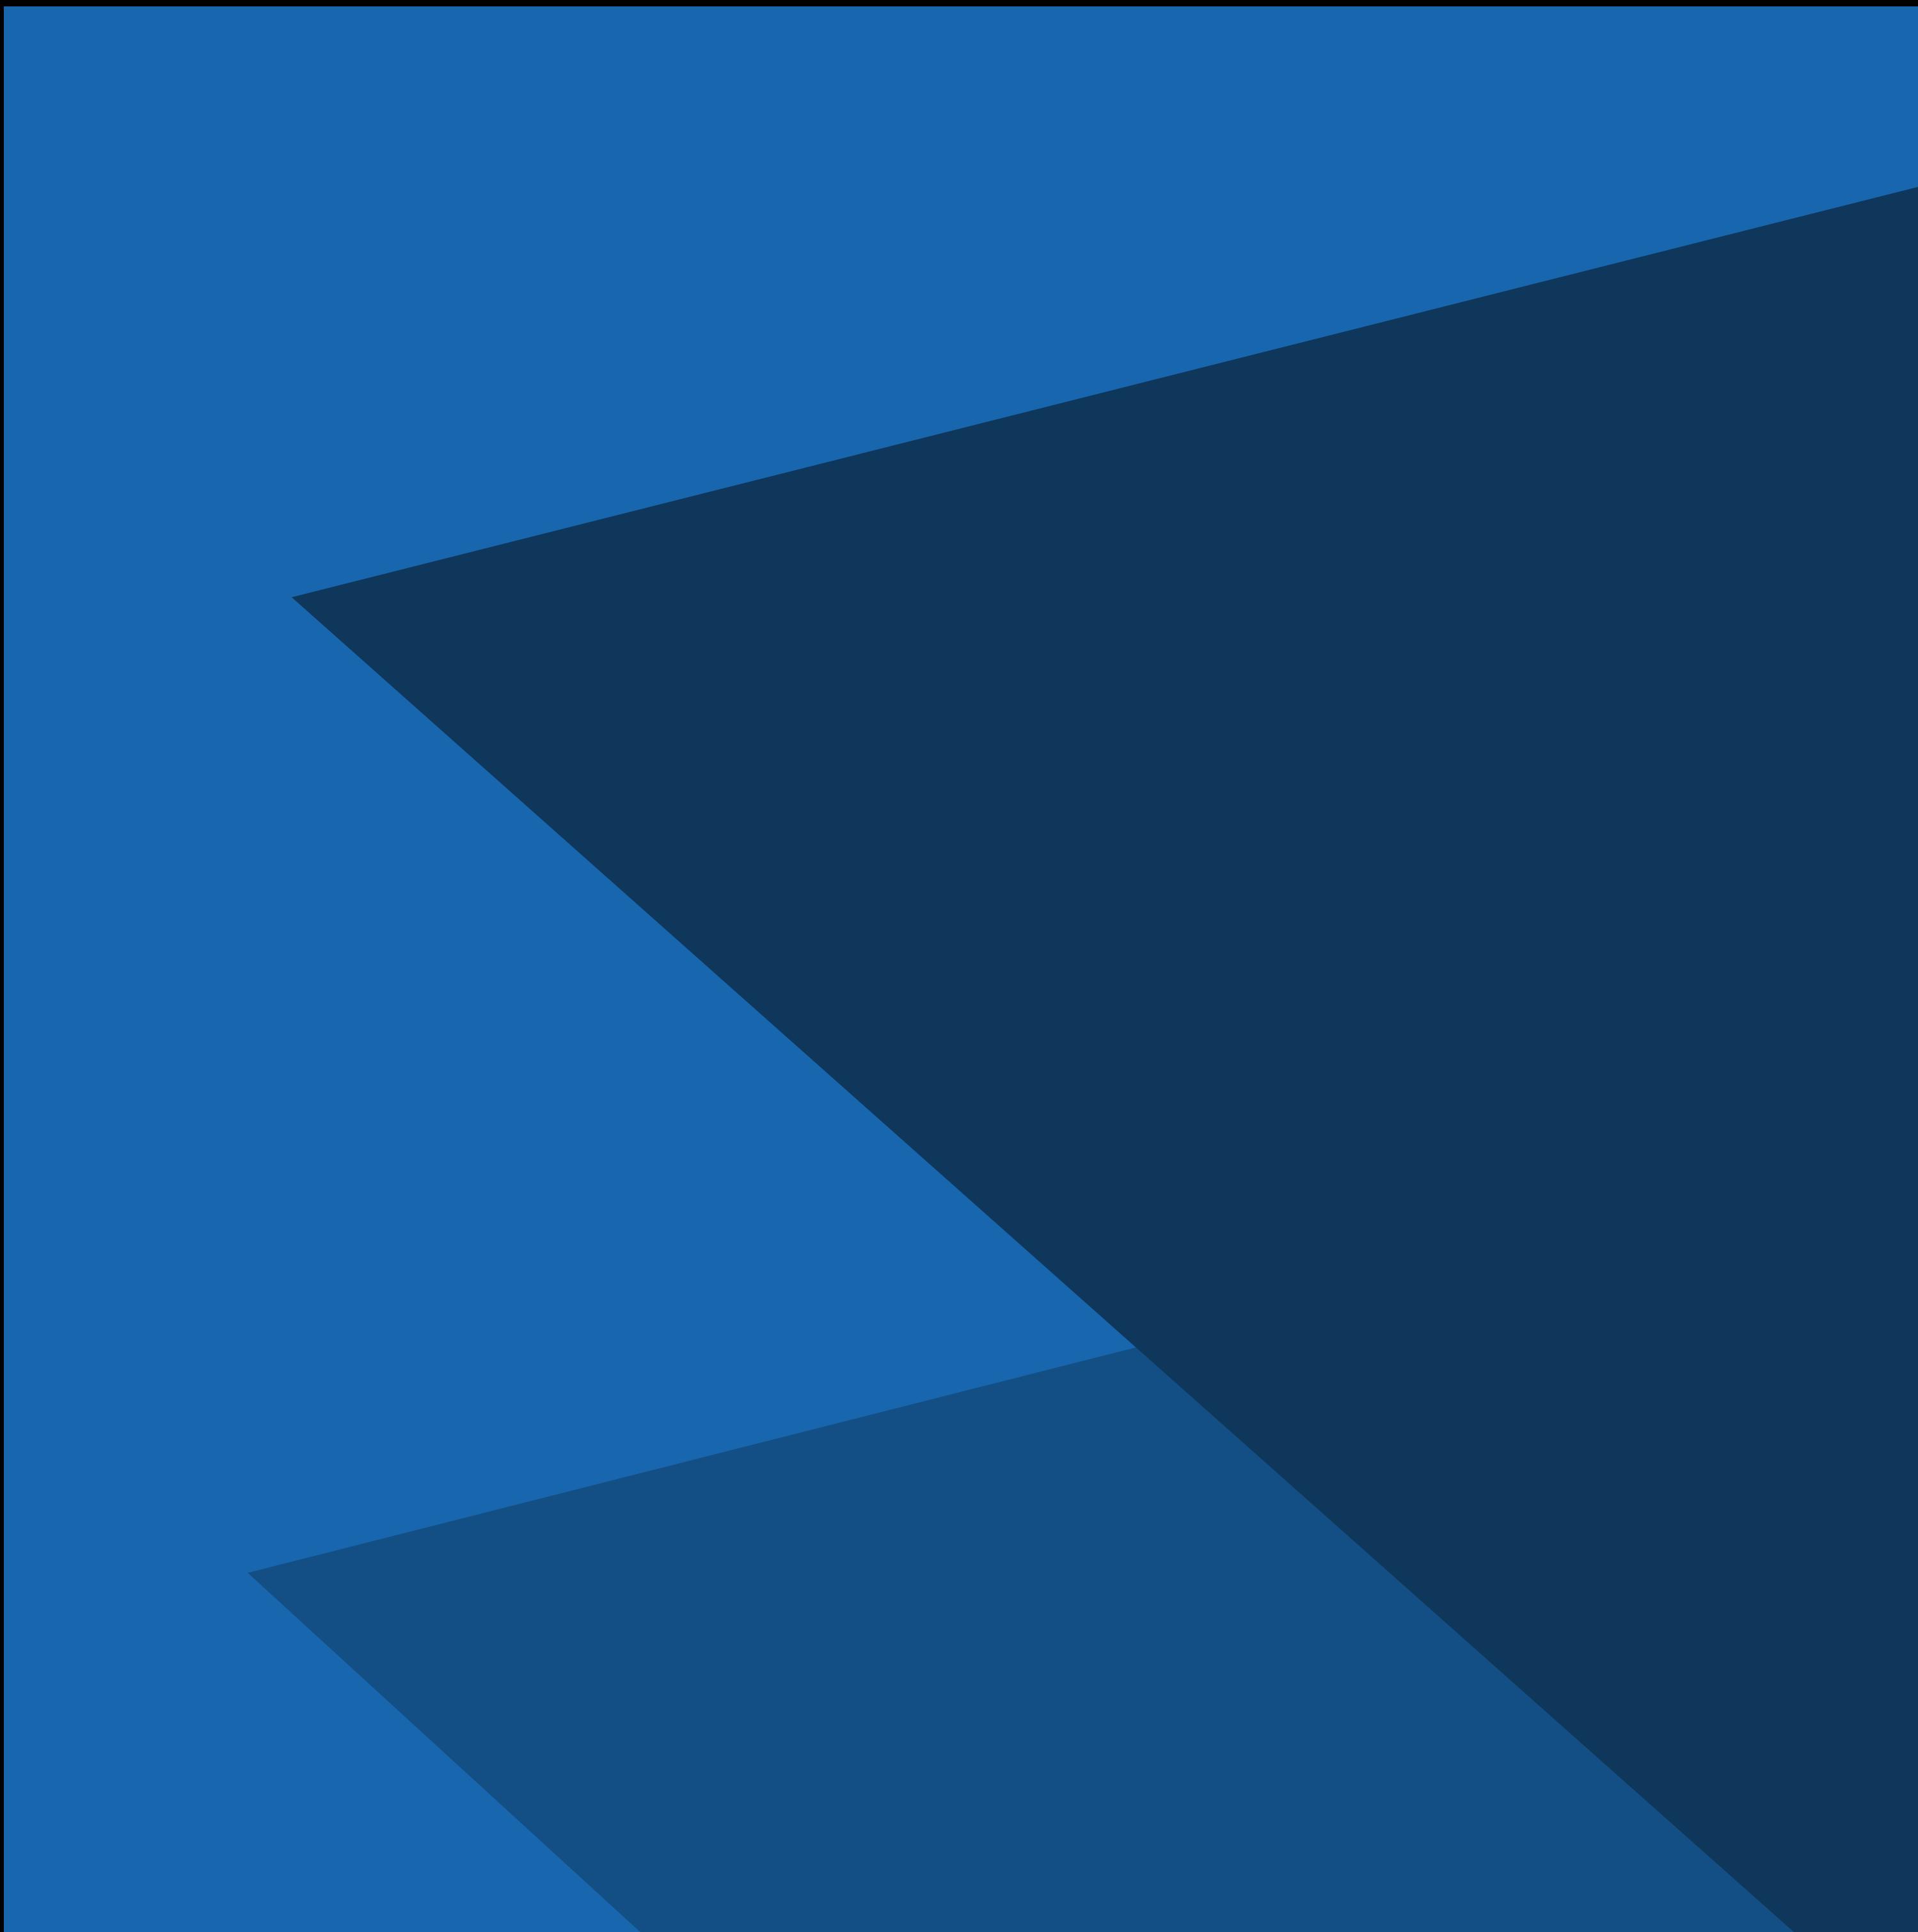 image-background-premium-content (1)